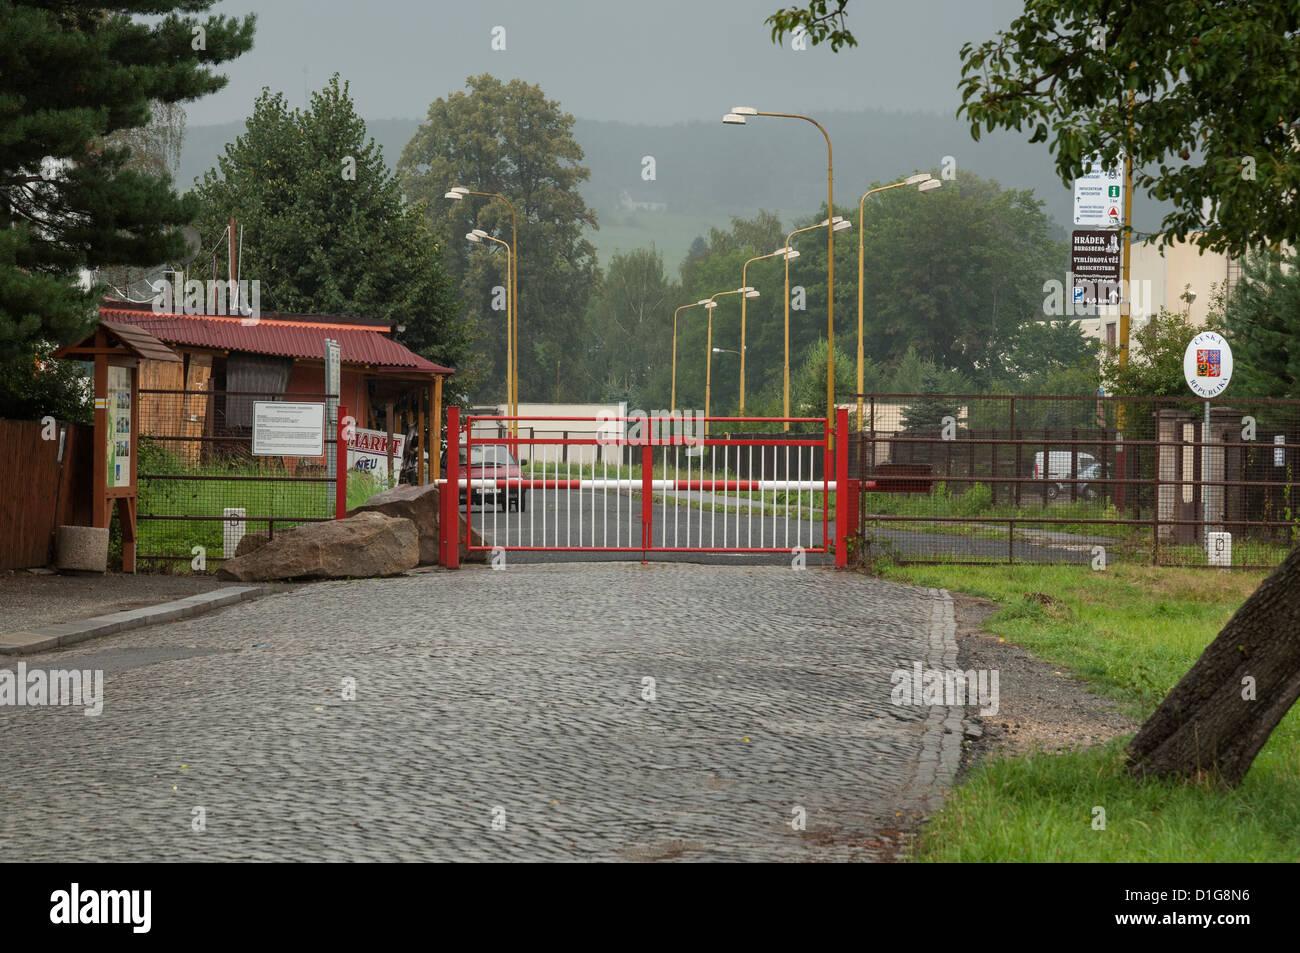 Tschechische Republik Deutschland Grenze Stockfotos Tschechische